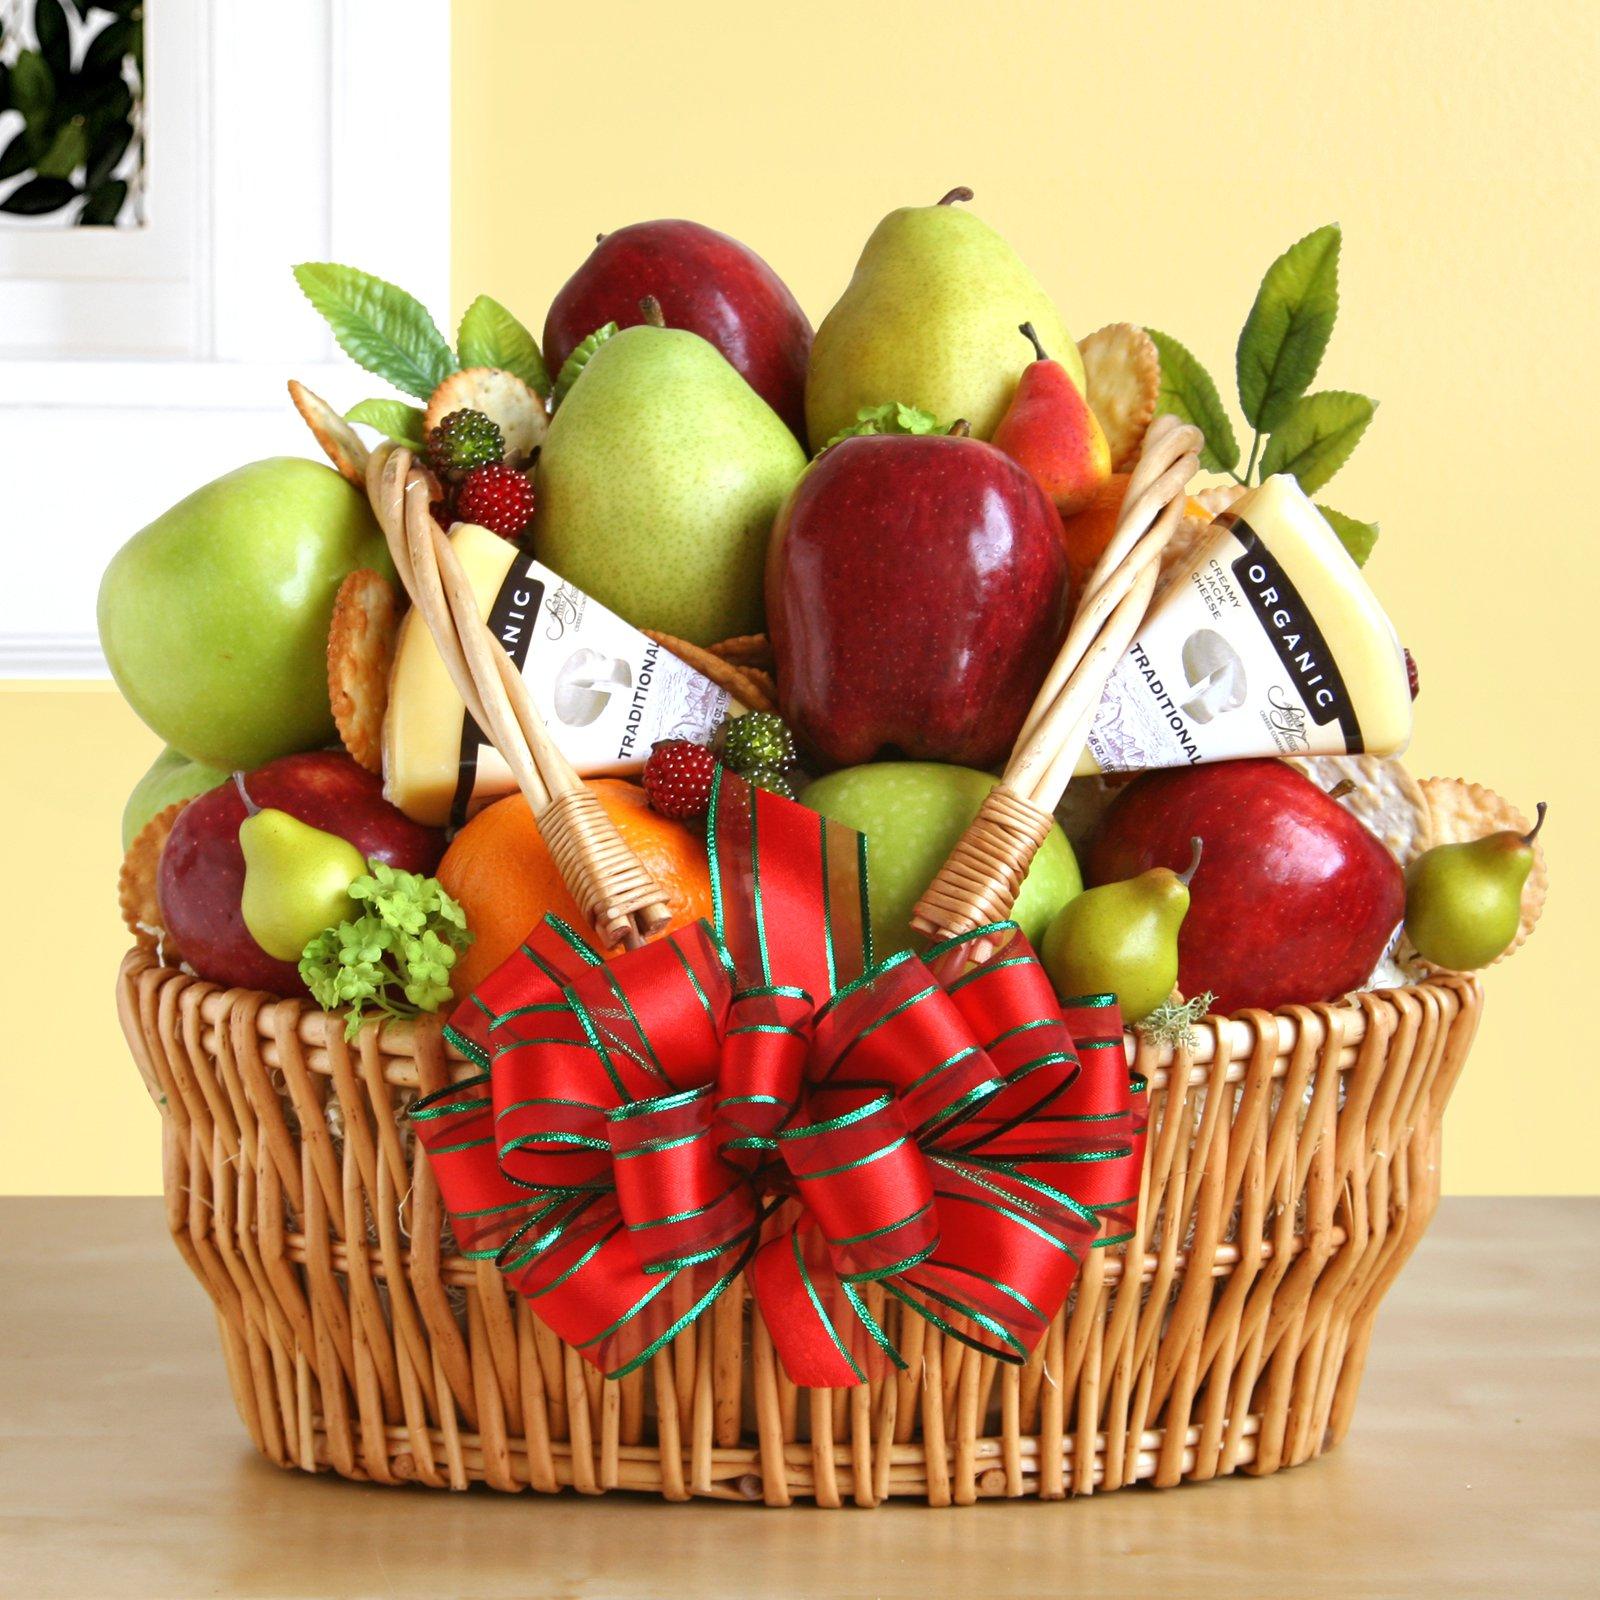 Natural Organic Fruit & Cheese Gift Basket